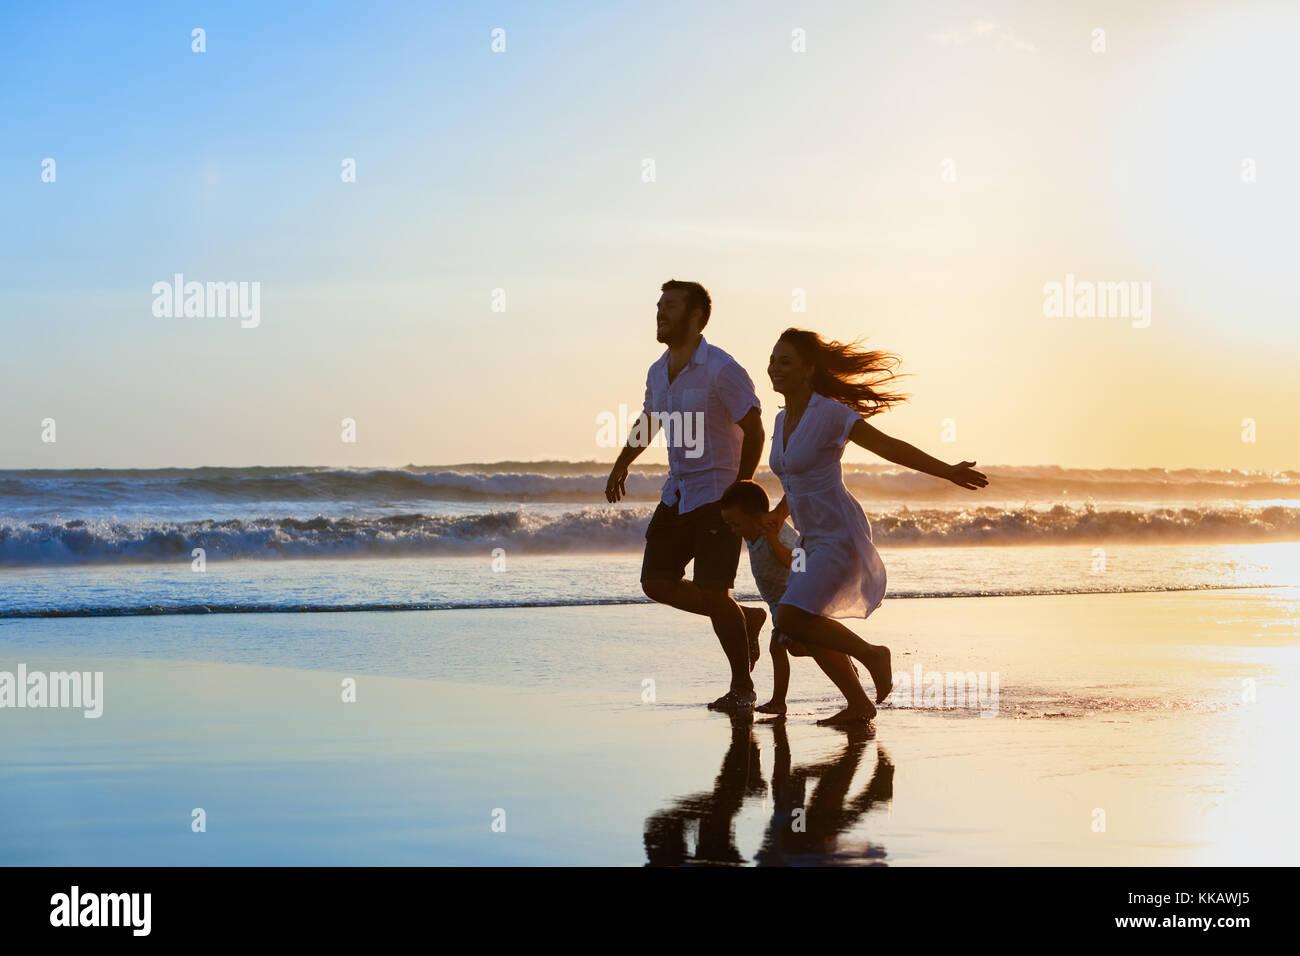 Gerne vollständige Familie - Vater, Mutter, Sohn viel Spaß zusammen, Kind laufen durch Wasser Pool entlang Stockbild